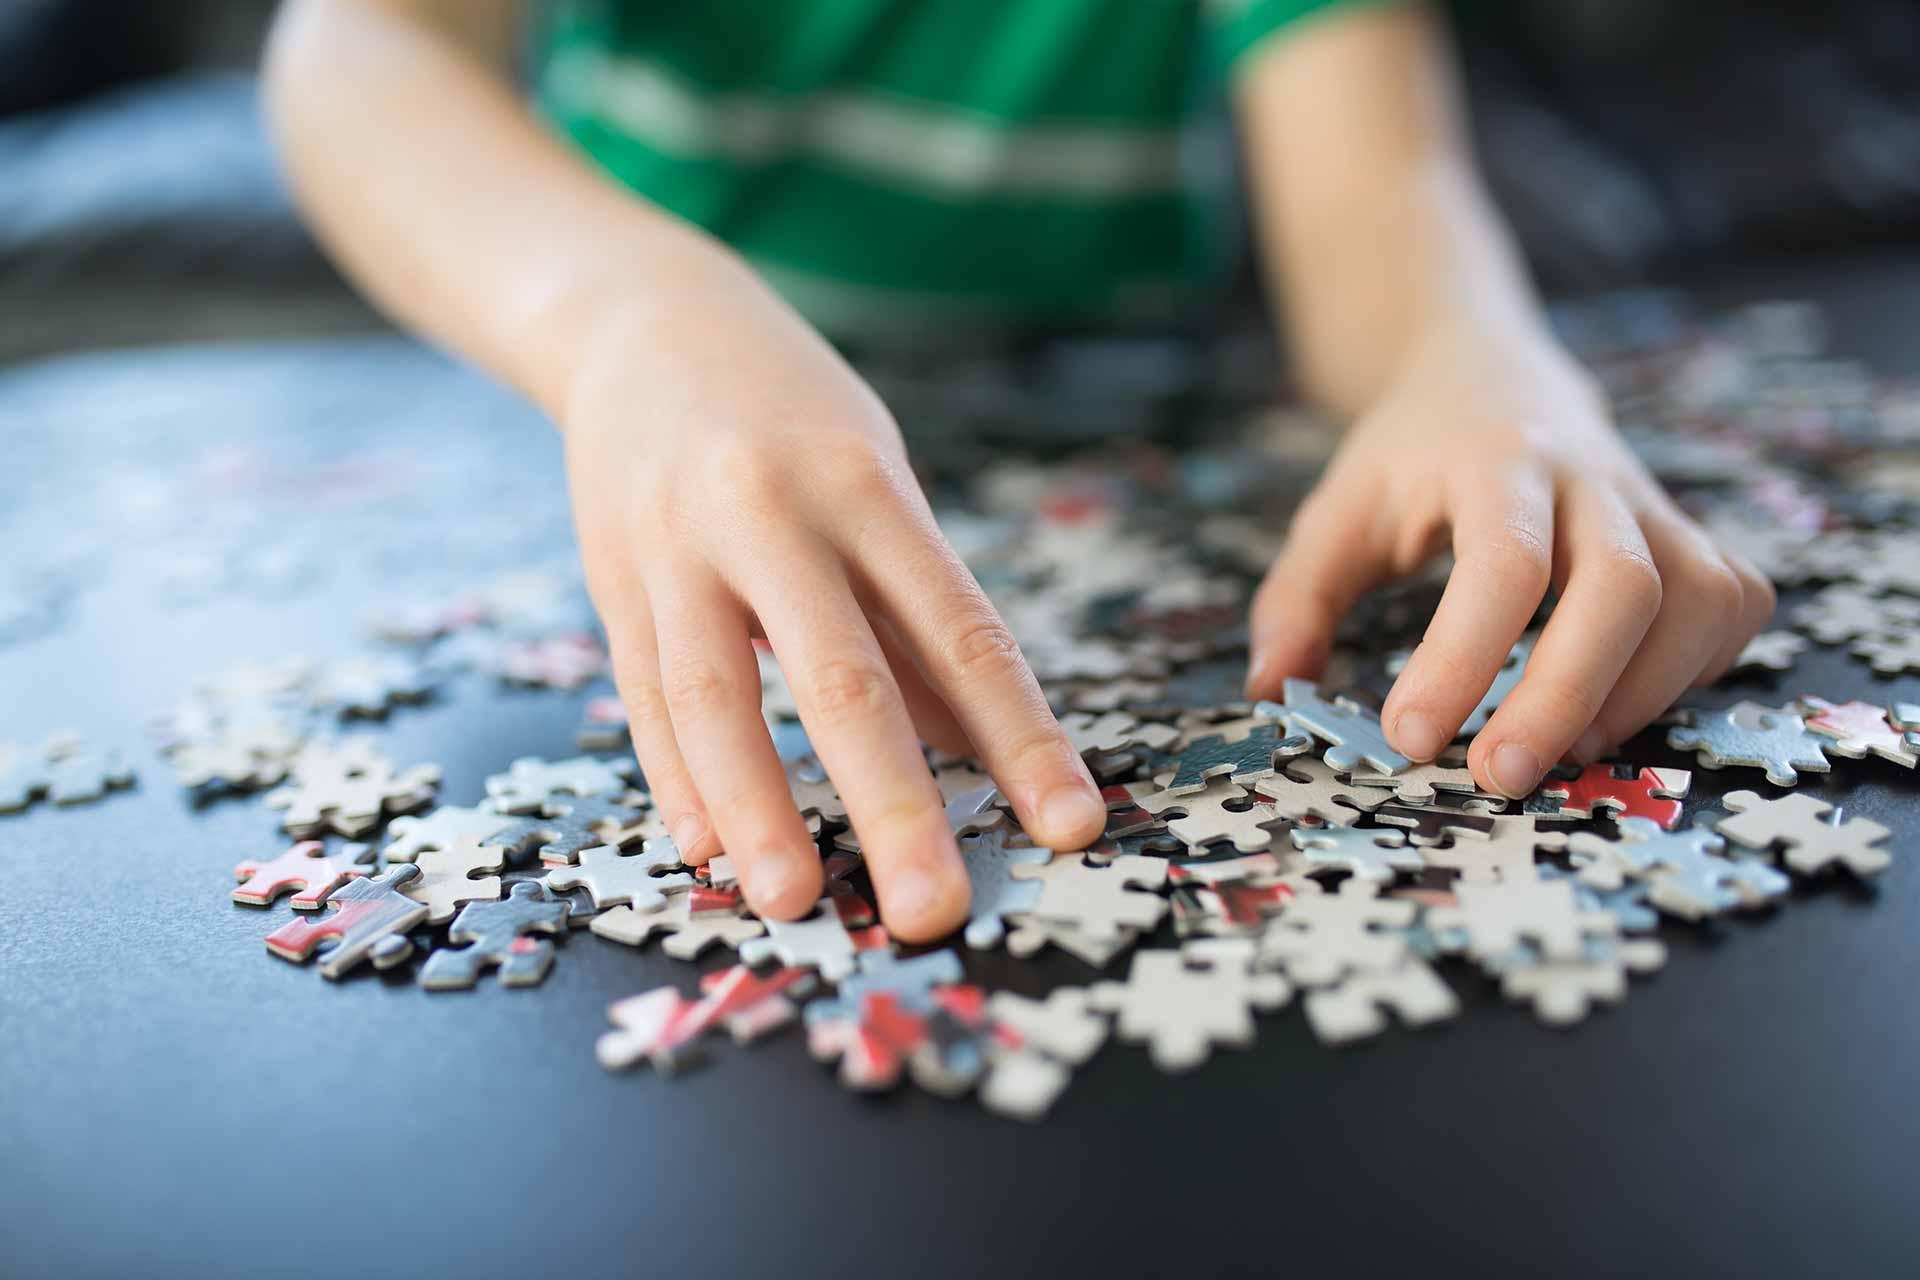 How-puzzles-help-development